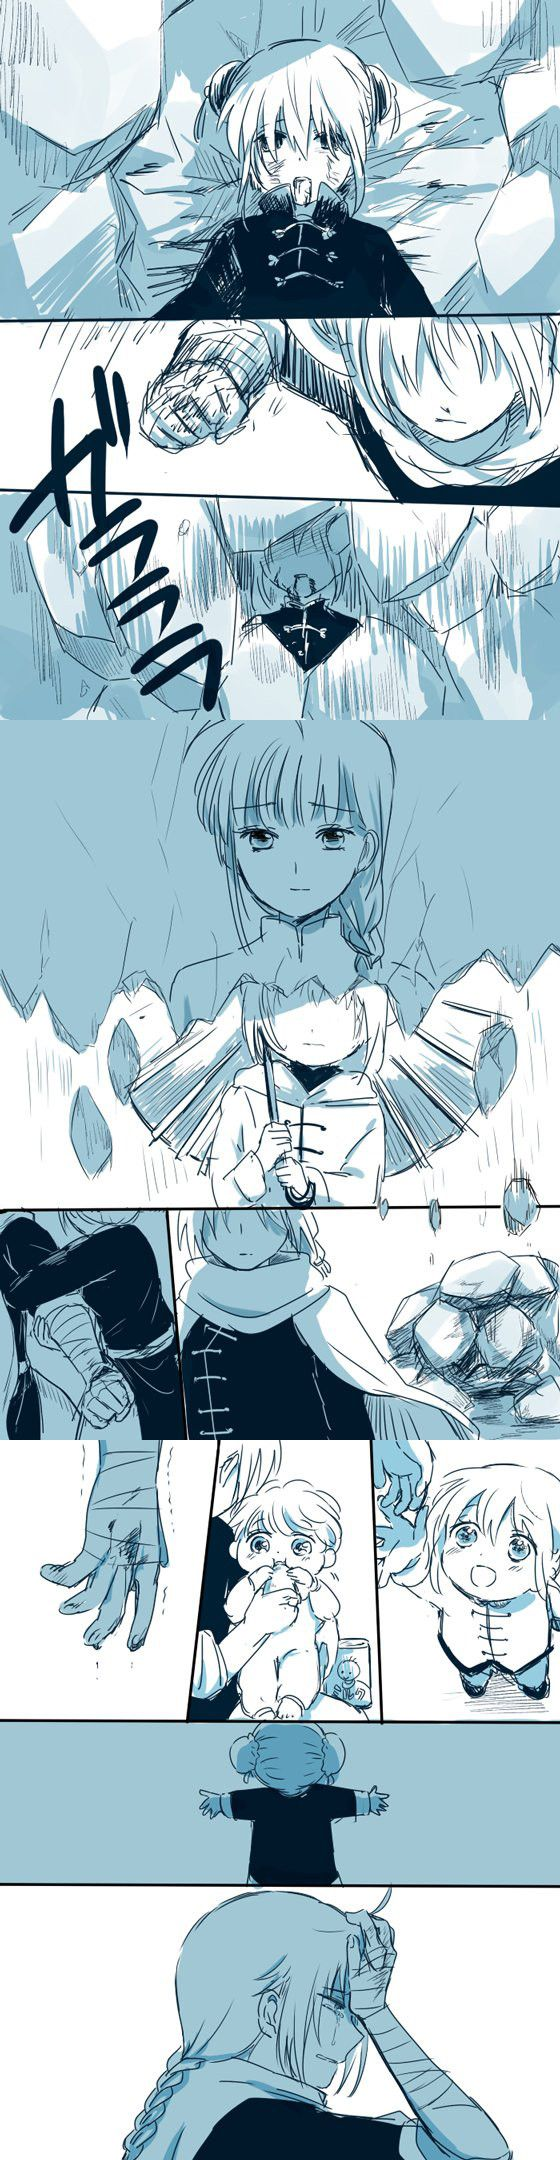 Чтение манги Гинтама 64 - 582 Кристалл - самые свежие переводы. Read manga online! - ReadManga.me